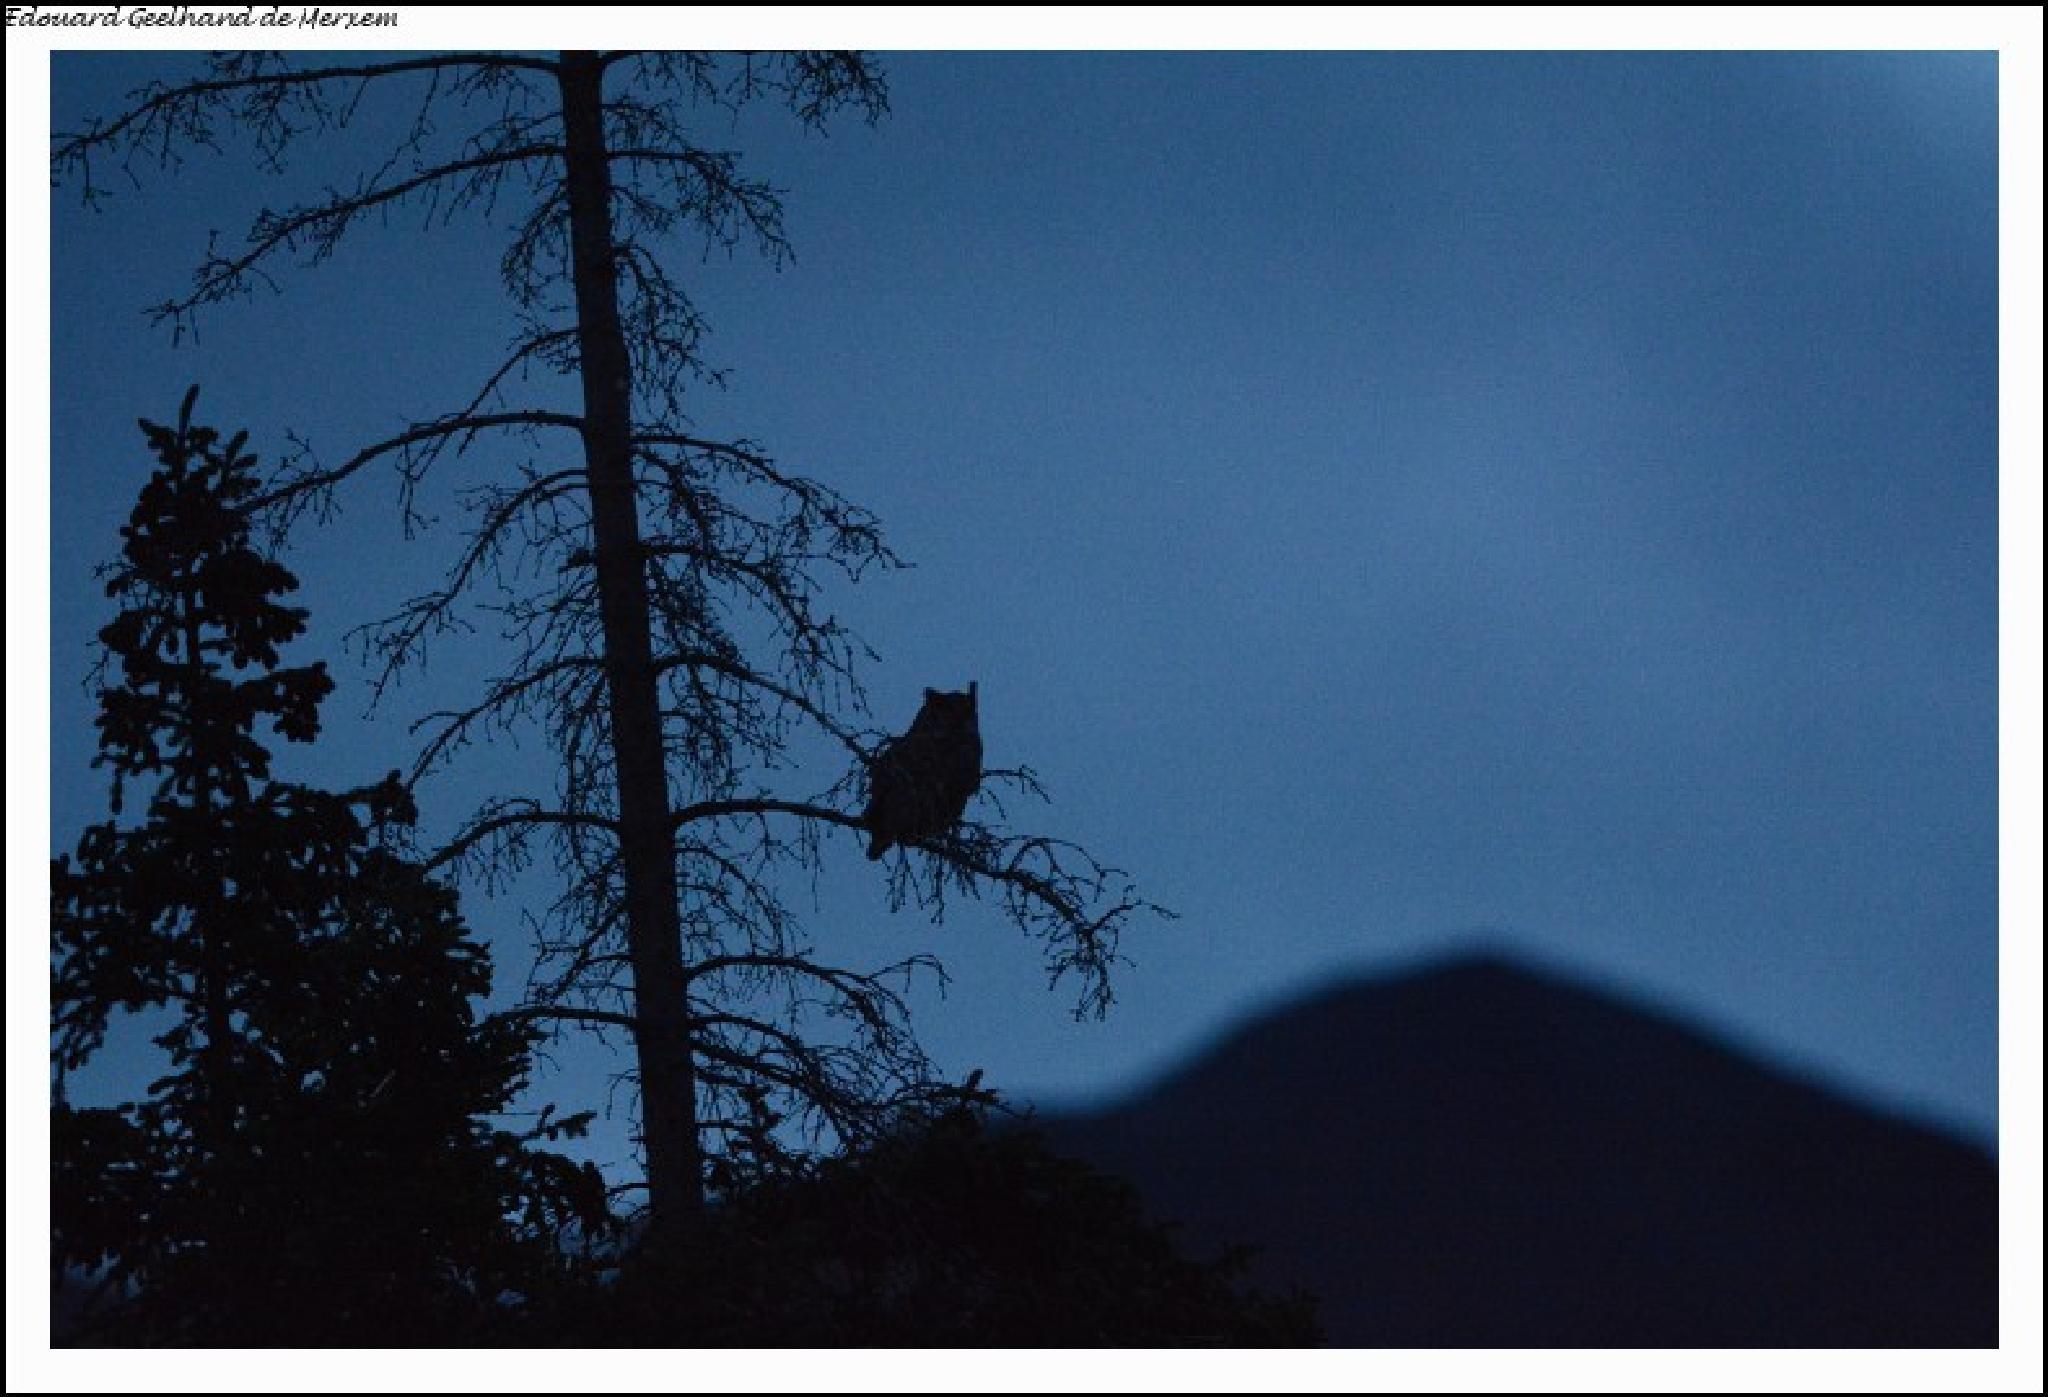 Like an owl in the night by Edouard Geelhand de Merxem